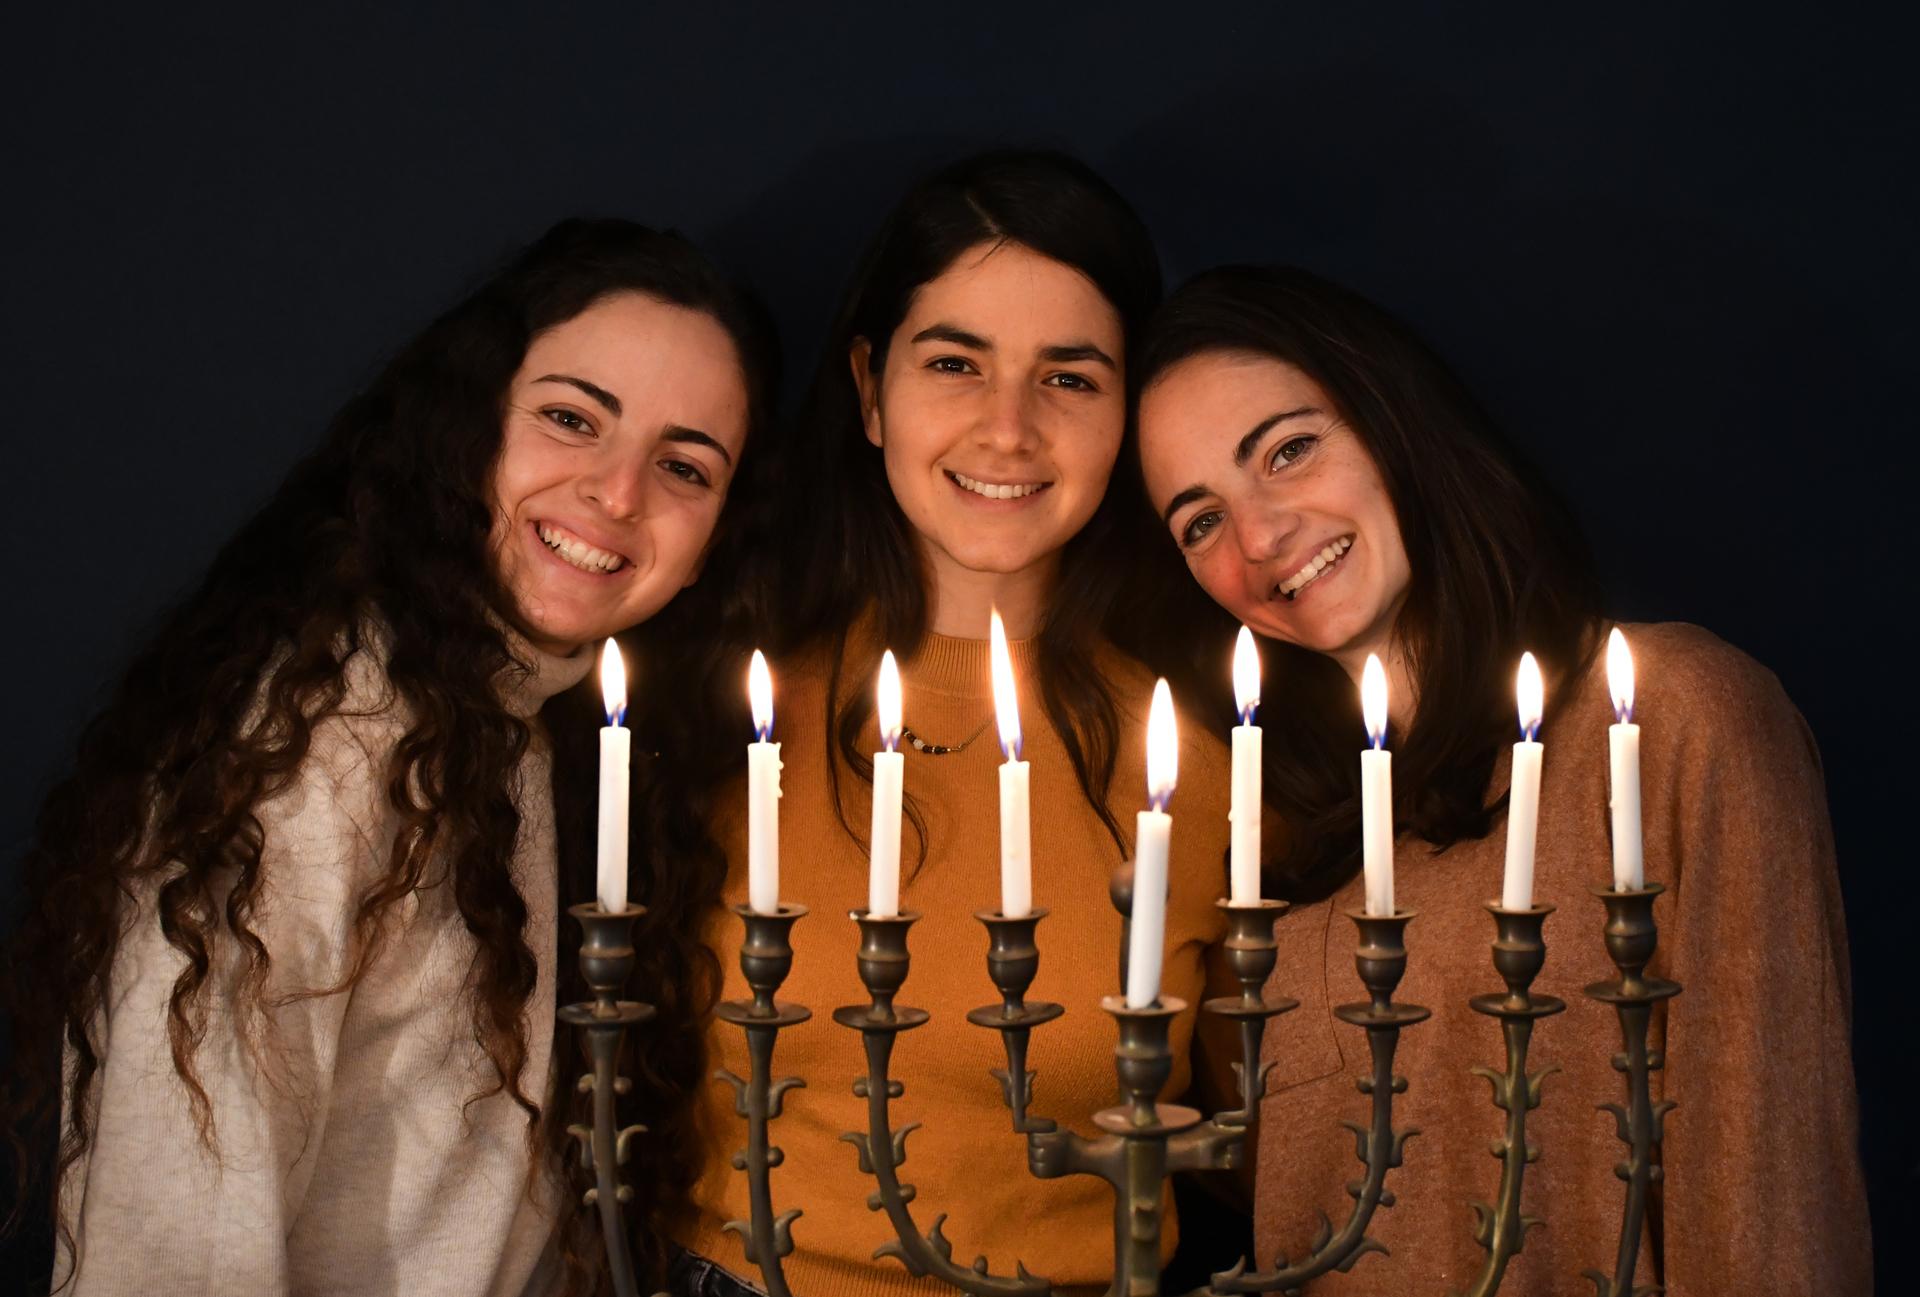 בנות שתרוג - חנוכה 2020 - אור - חנוכייה - יואל שתרוג - אדמה יוצרת - yoel sitruk